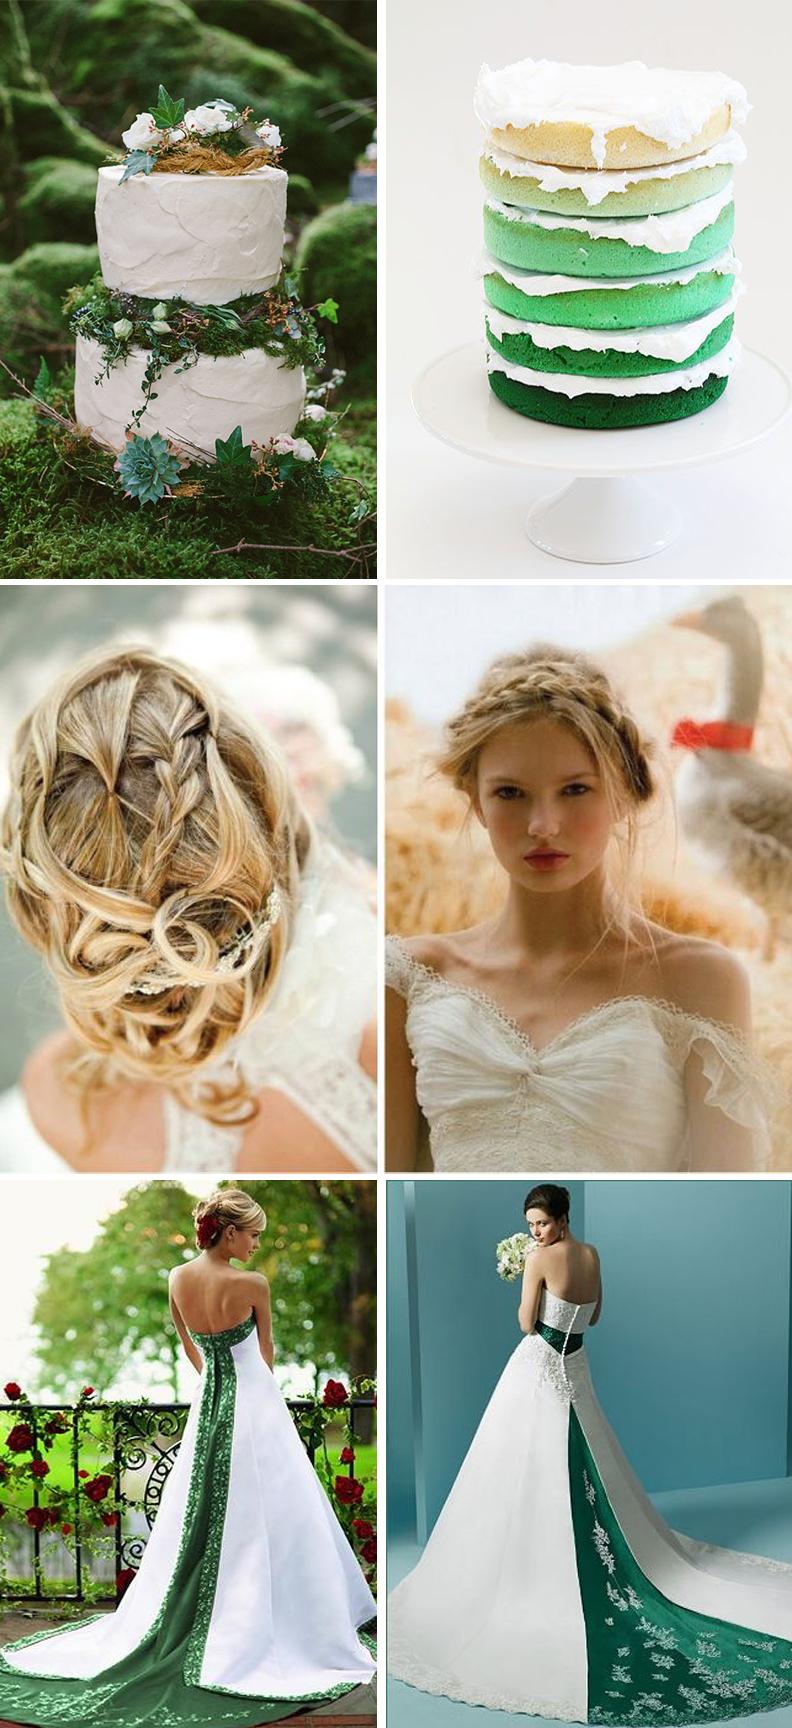 Image Credits: White Cat Studio, Iambaker.net, honeybeevintagebridal.com, Vera Wang